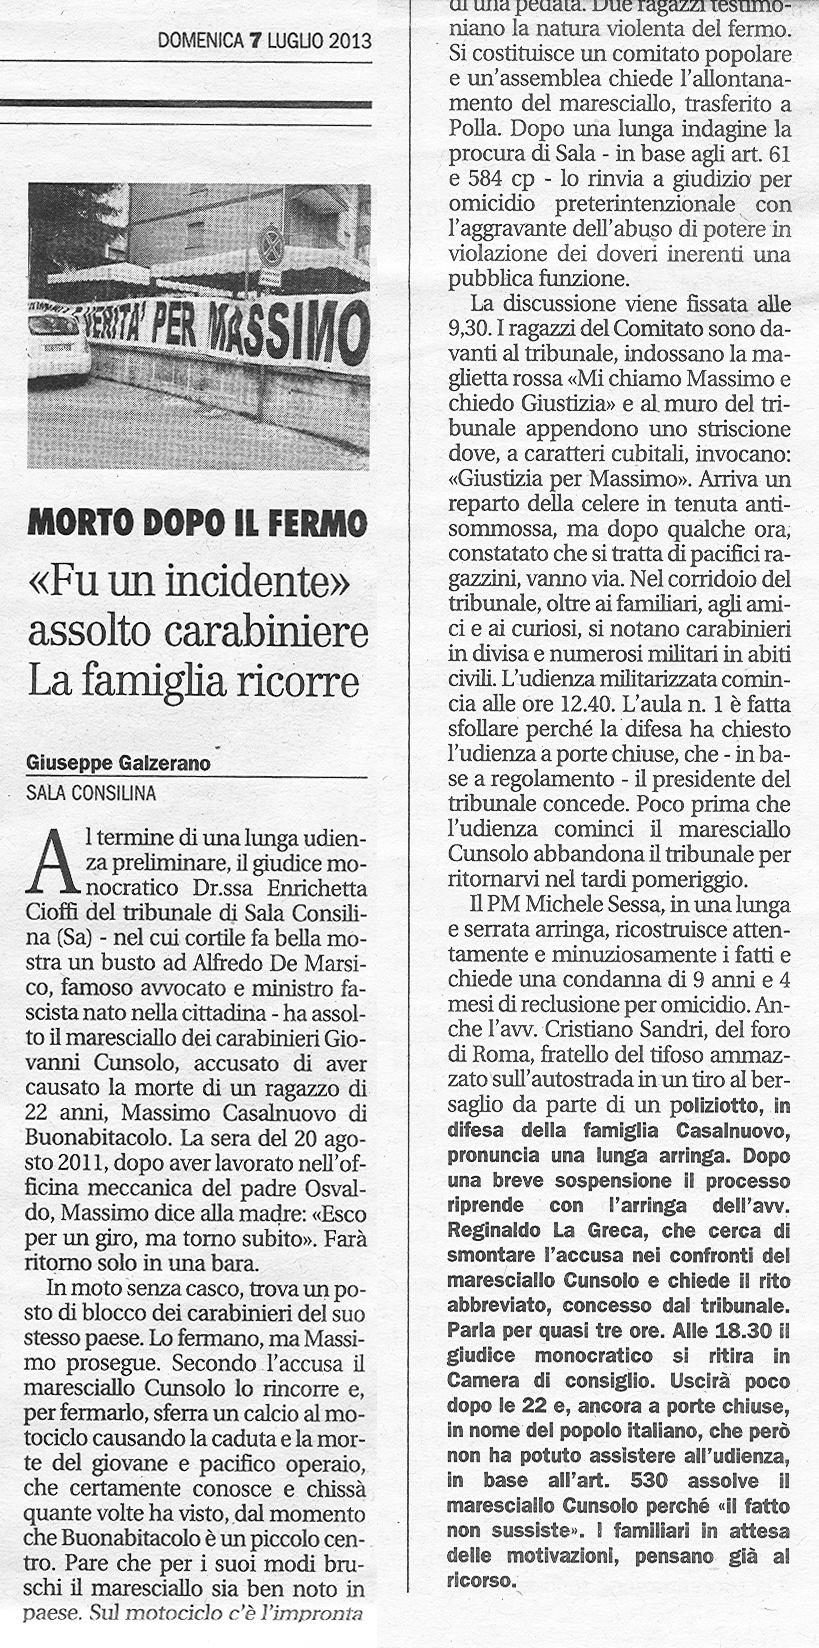 """""""FU UN INCIDENTE"""" ASSOLTO CARABINIERE. LA FAMIGLIA RICORRE"""